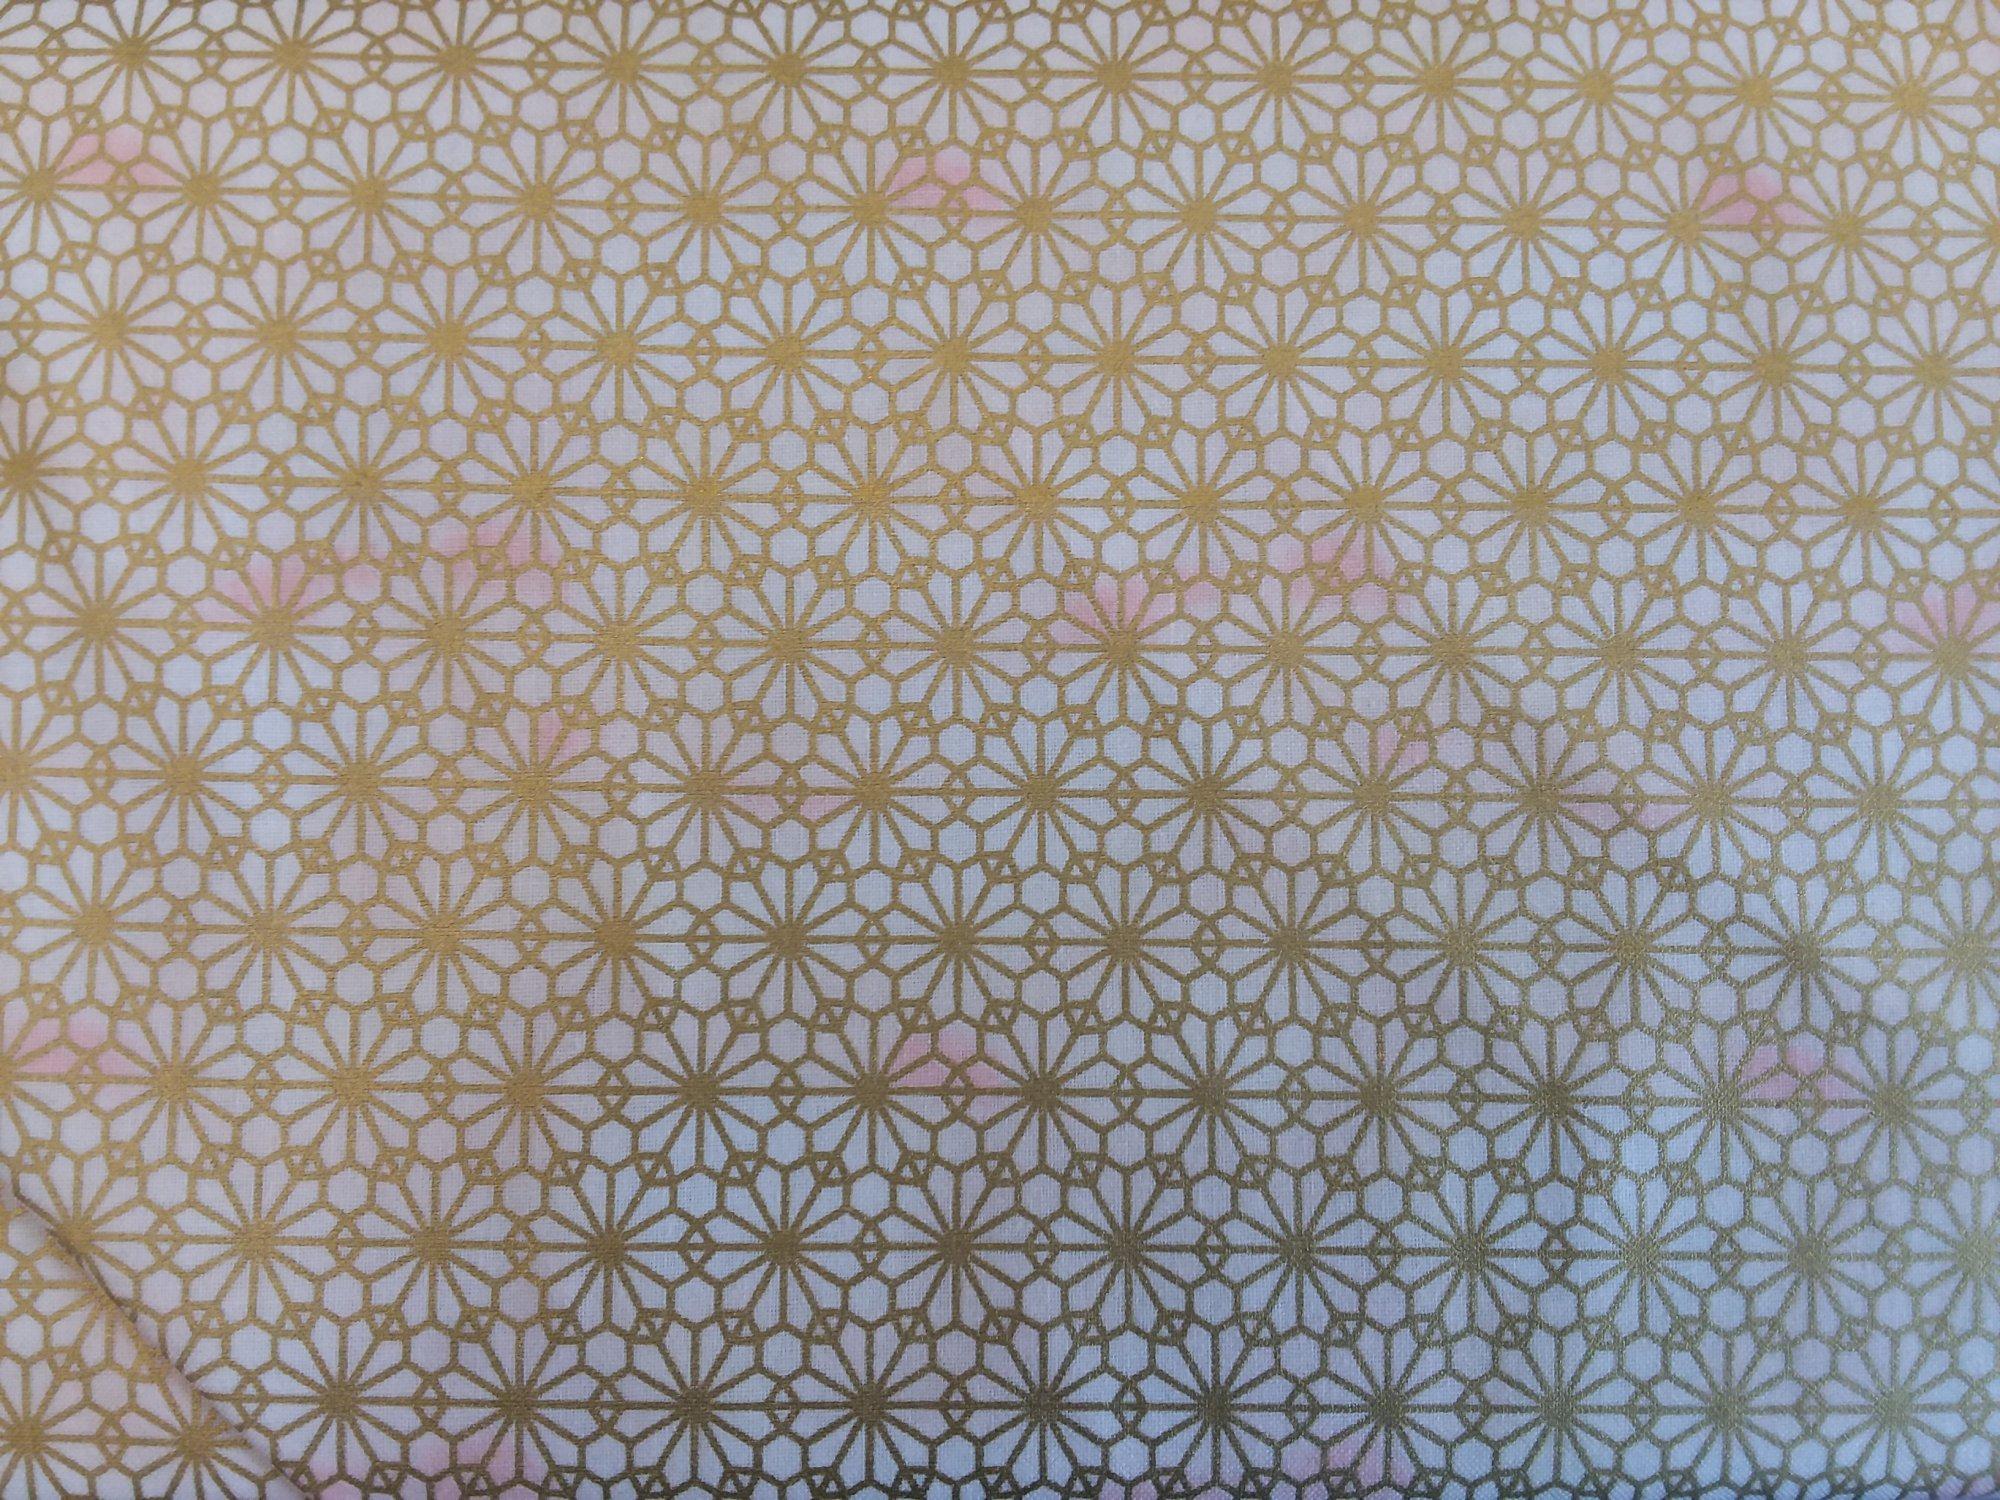 Suzune Met HR3340 Gold on White Background